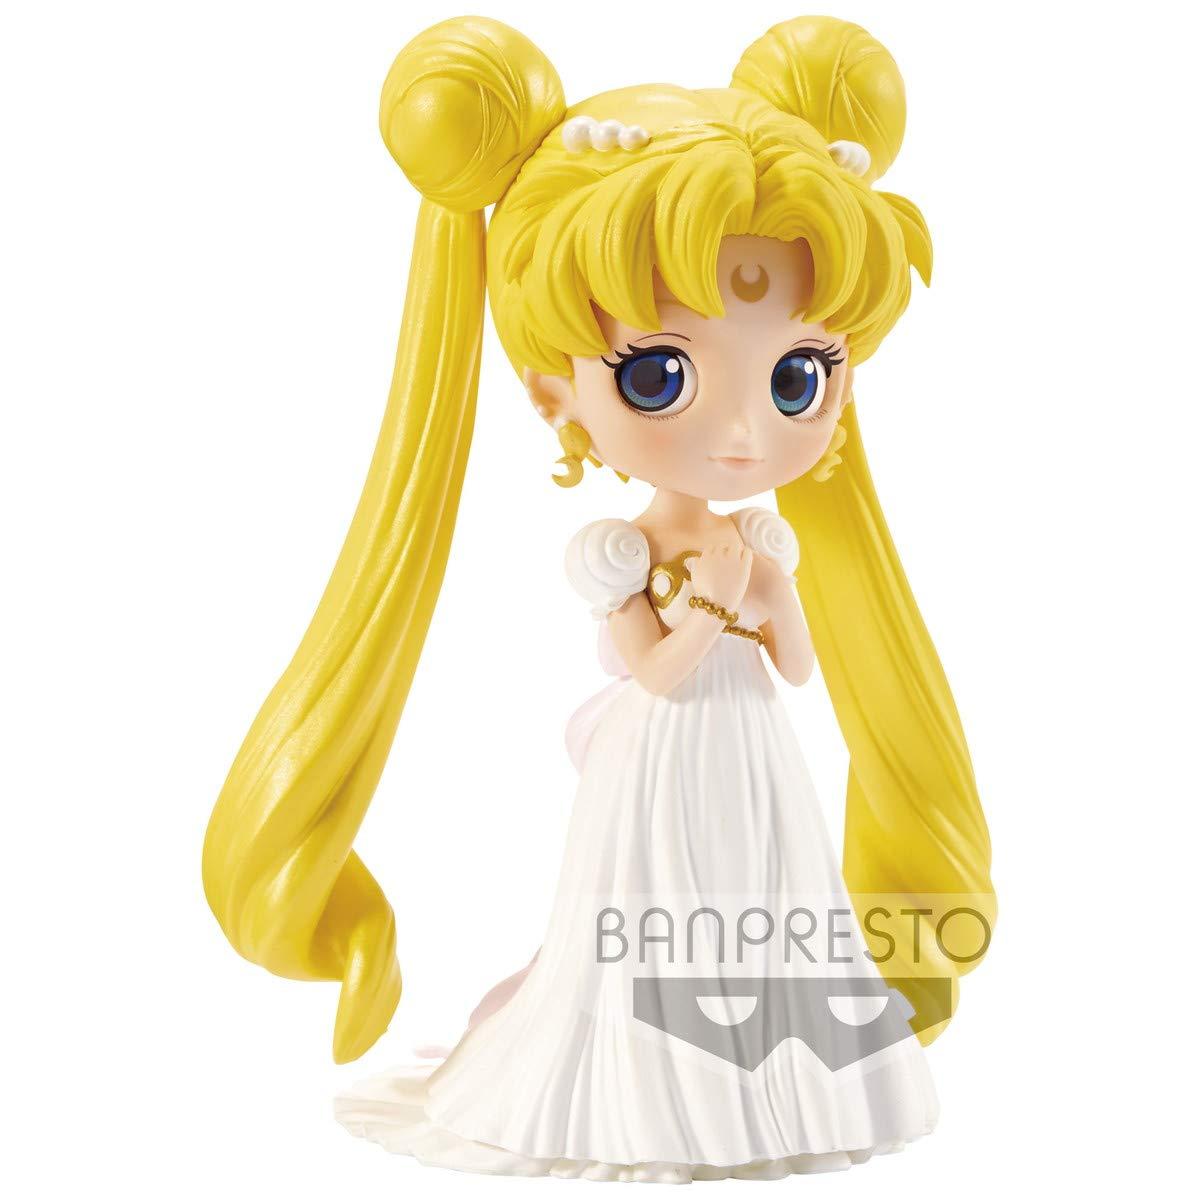 Banpresto Sailor Moon Princess Serenity Figure, Multicolor (35913)